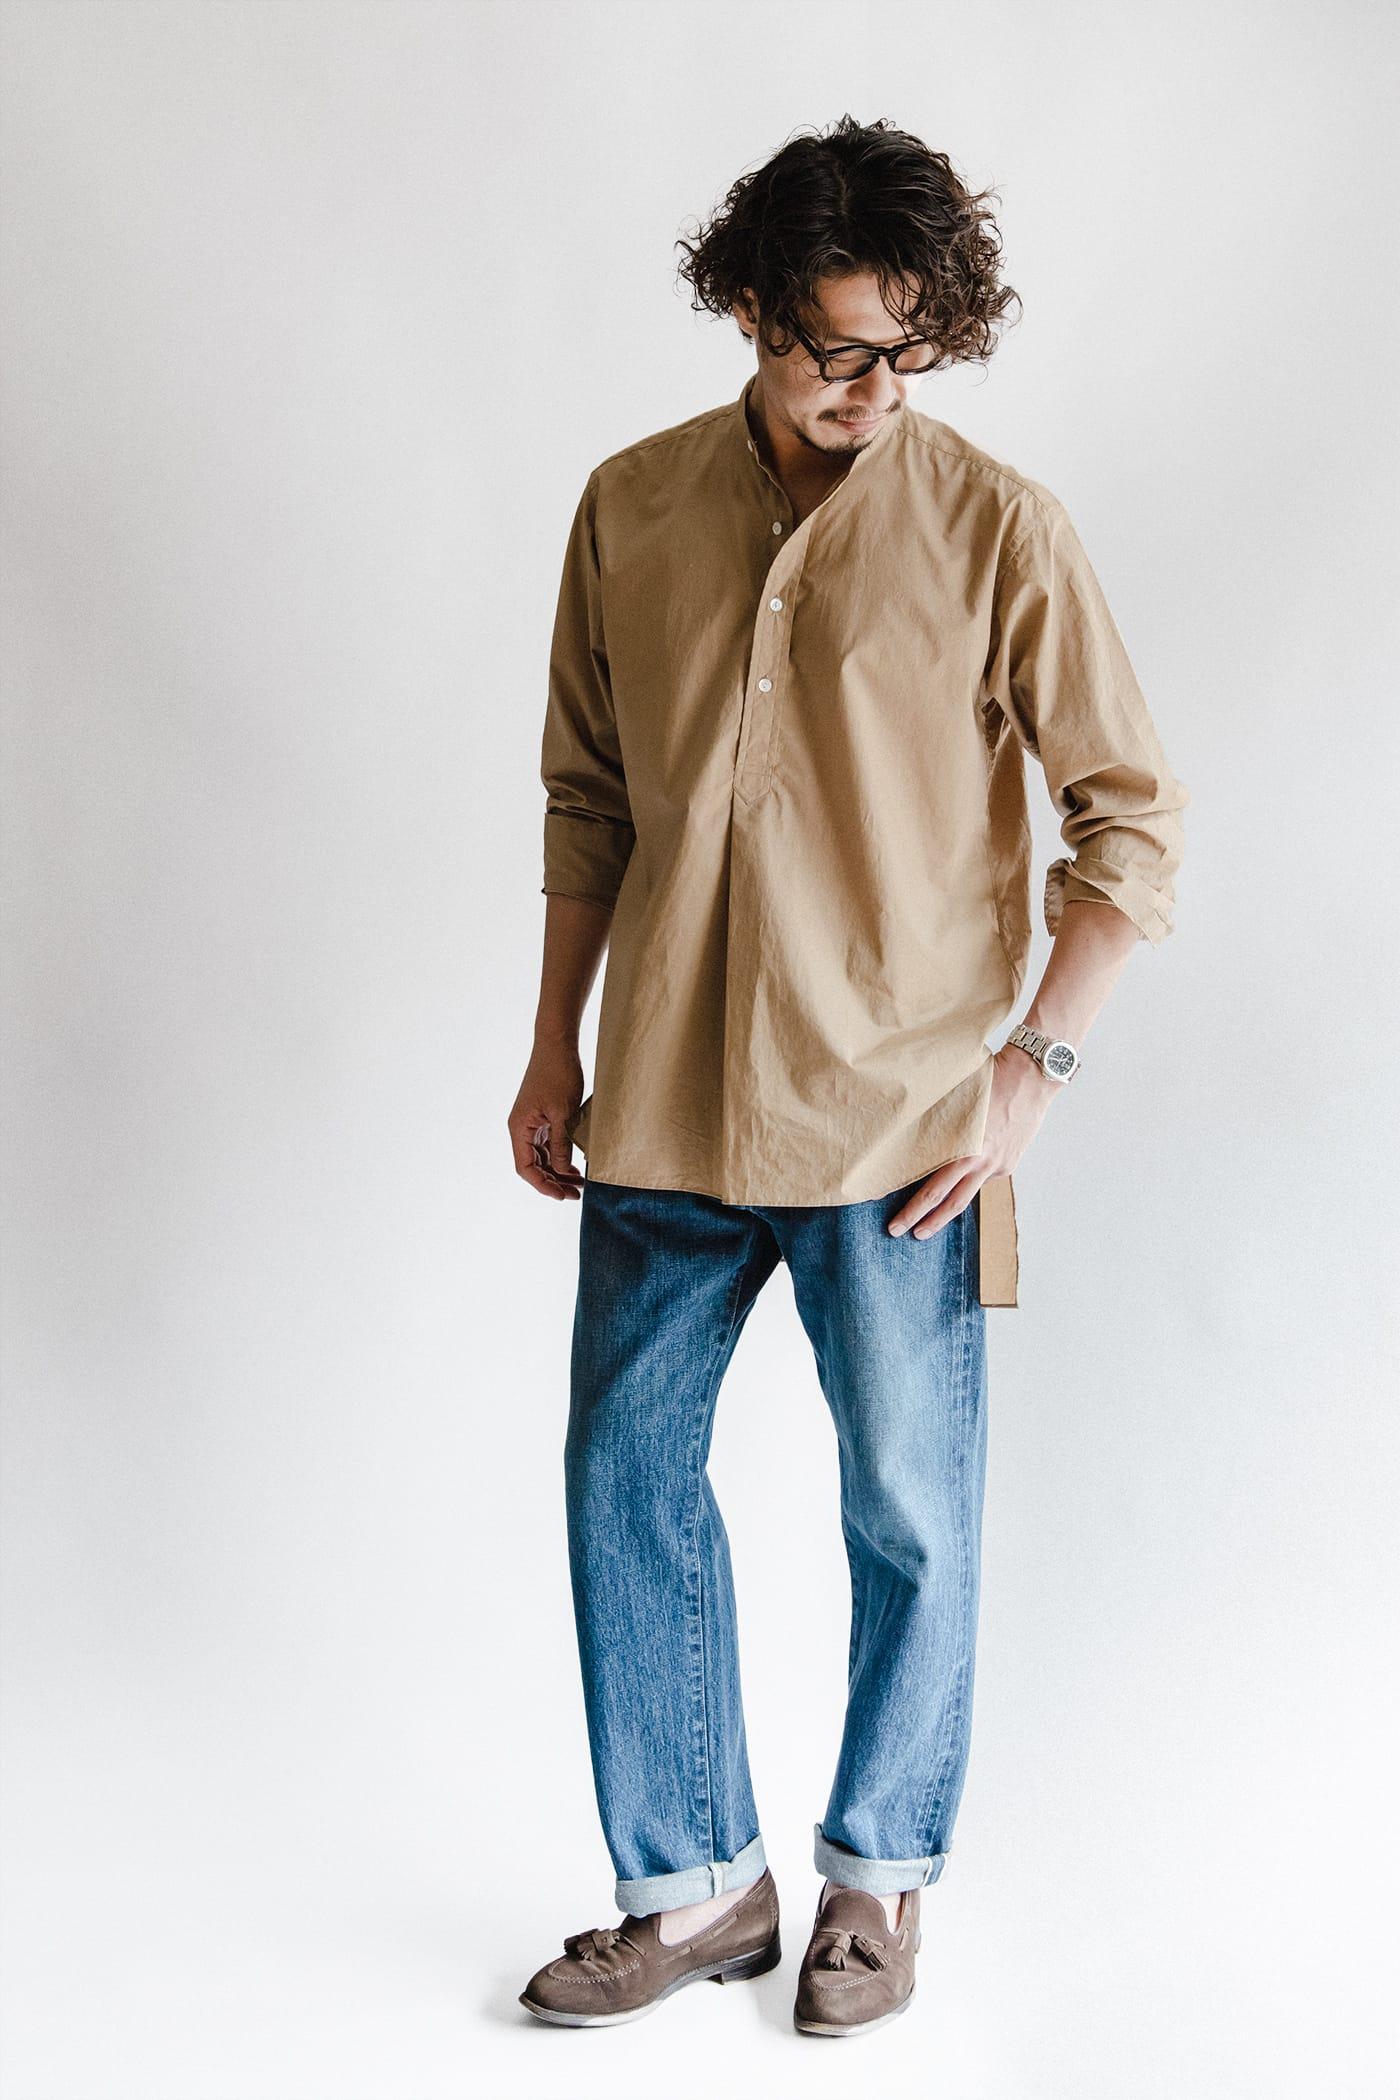 オフィサーシャツ「プリマス」 スタイリスト四方氏 コーディネート ベーシックなコーディネートながら、特徴的な裾のカッティングやプルオーバーのデザインで洒脱な雰囲気に